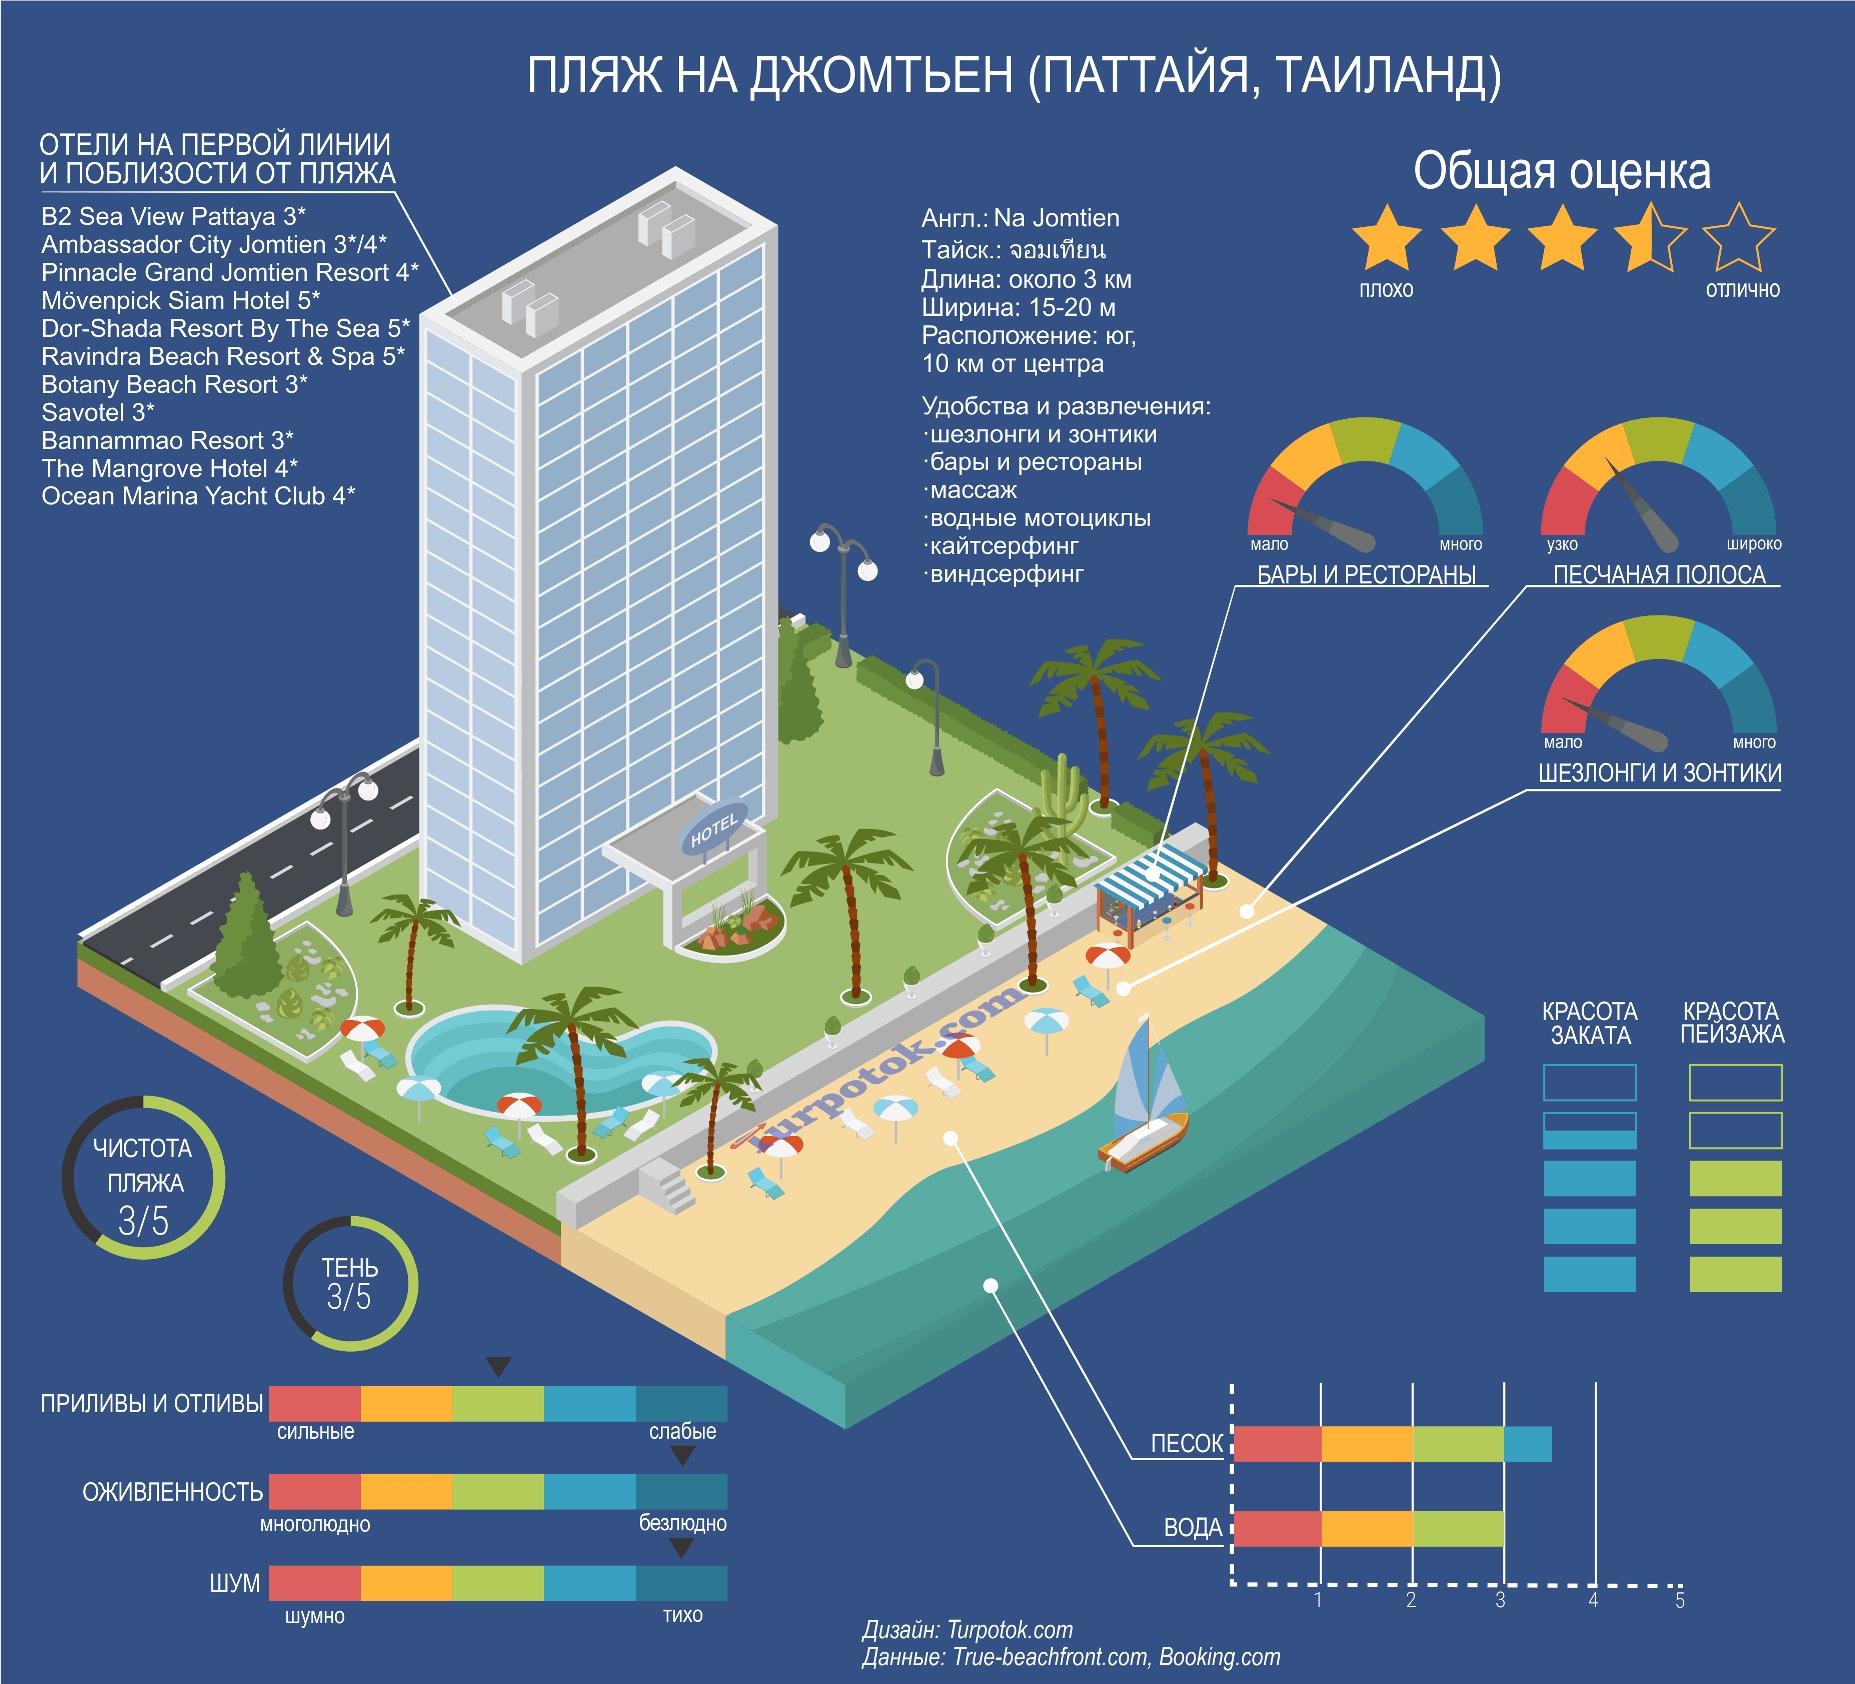 Картинка с инфографикой про пляж На Джомтьен